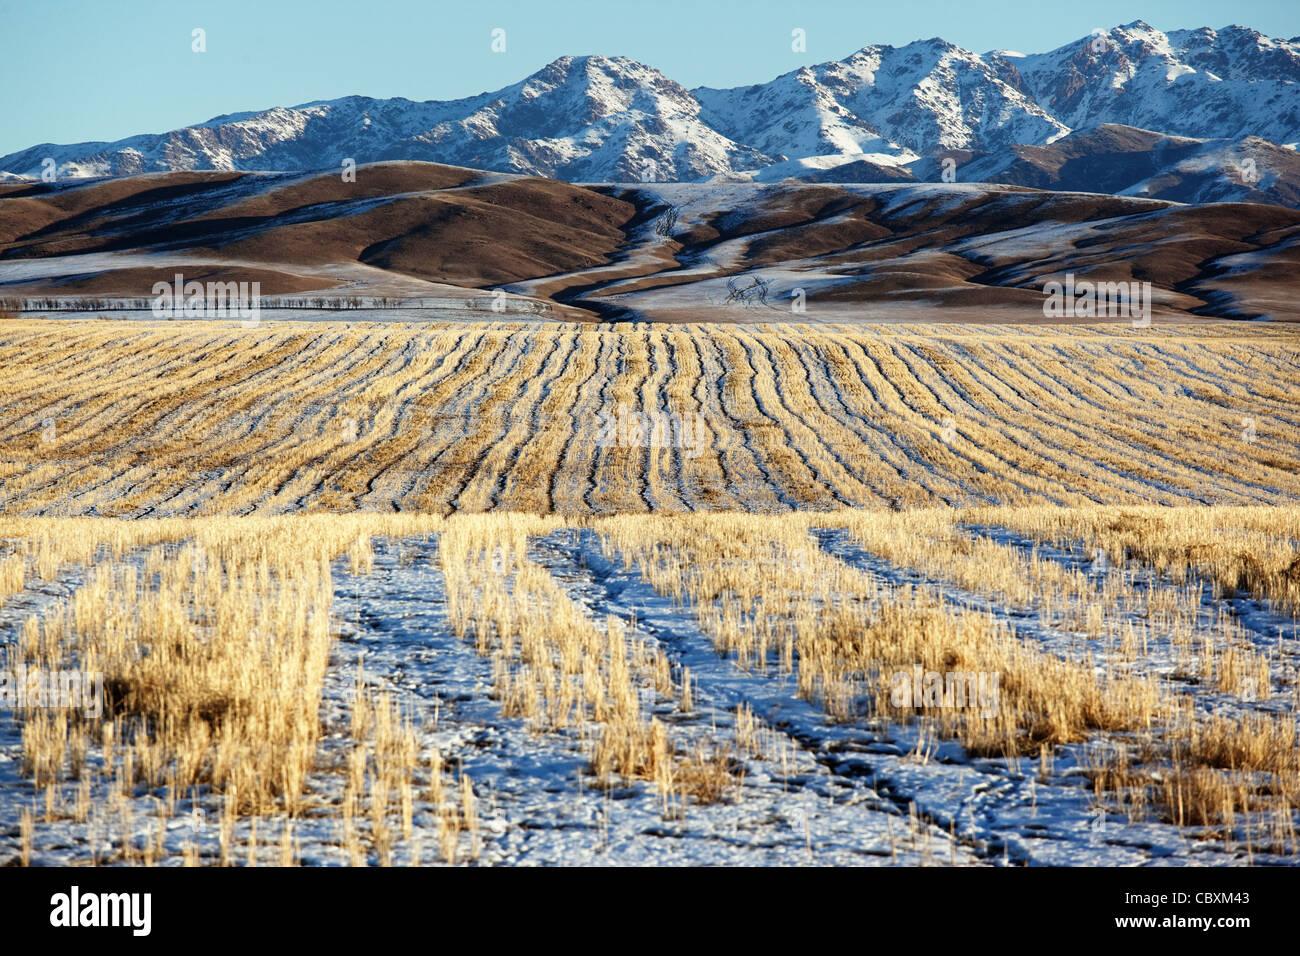 Prima neve sui campi e sulle montagne Foto Stock